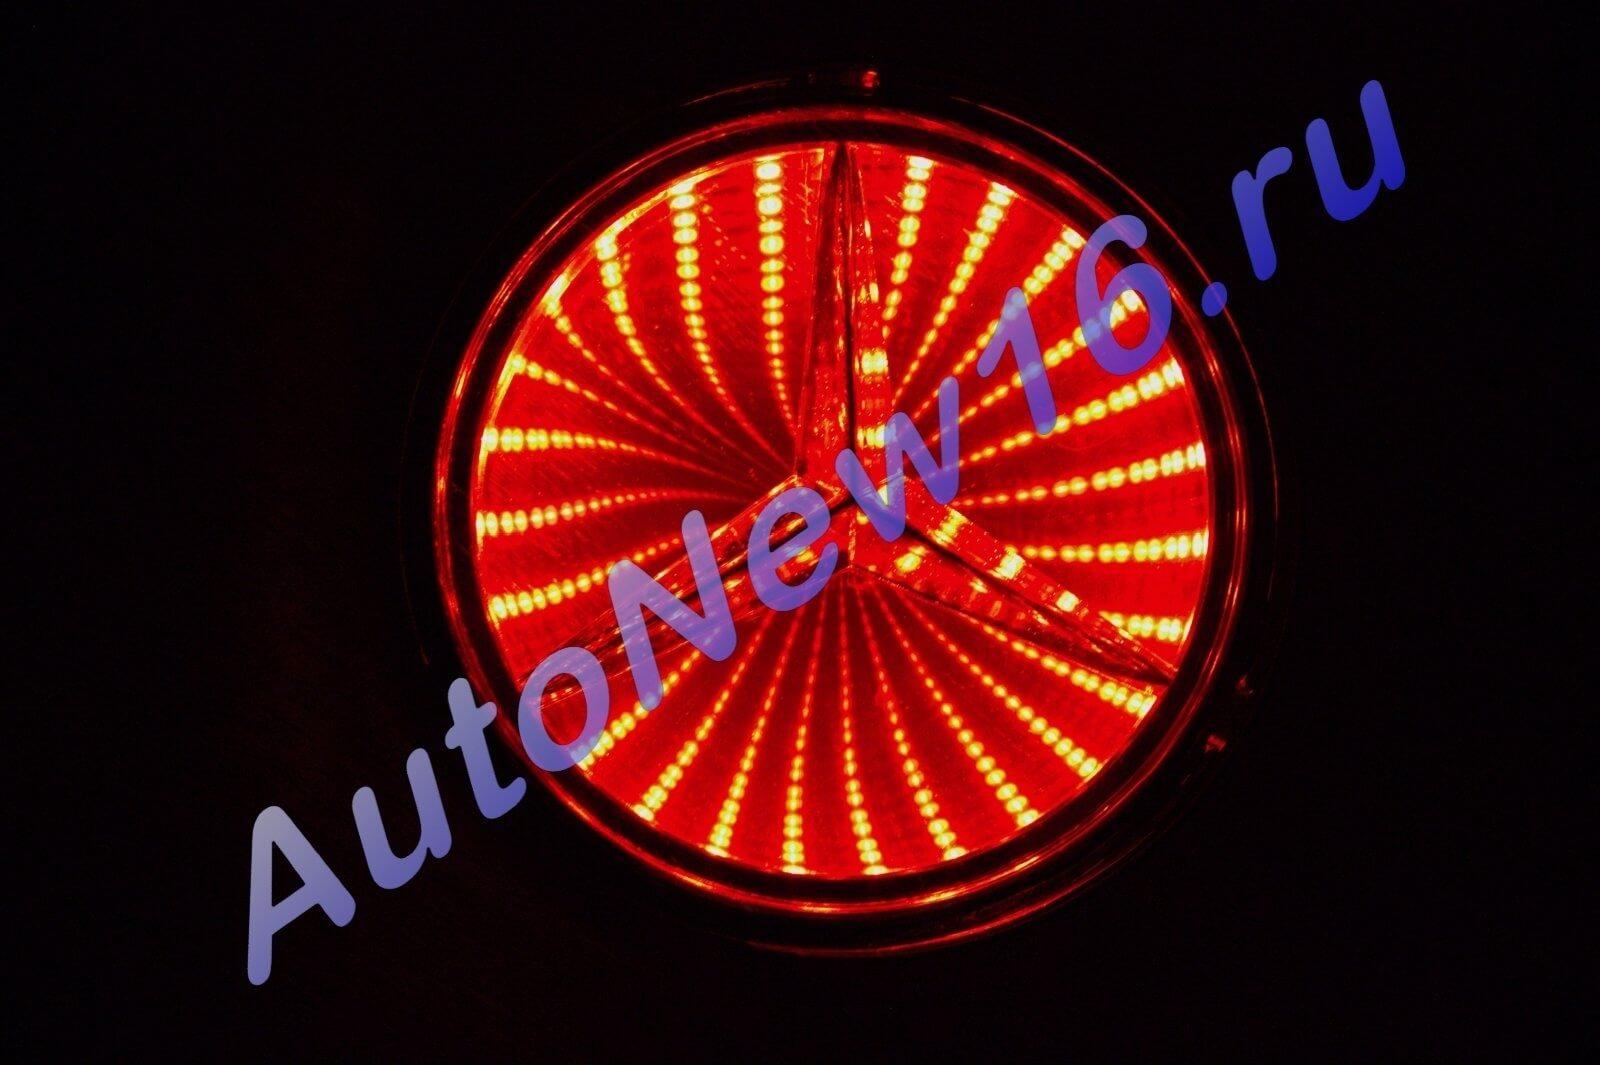 Шильдик с подсветкой Mercedes, фото 2